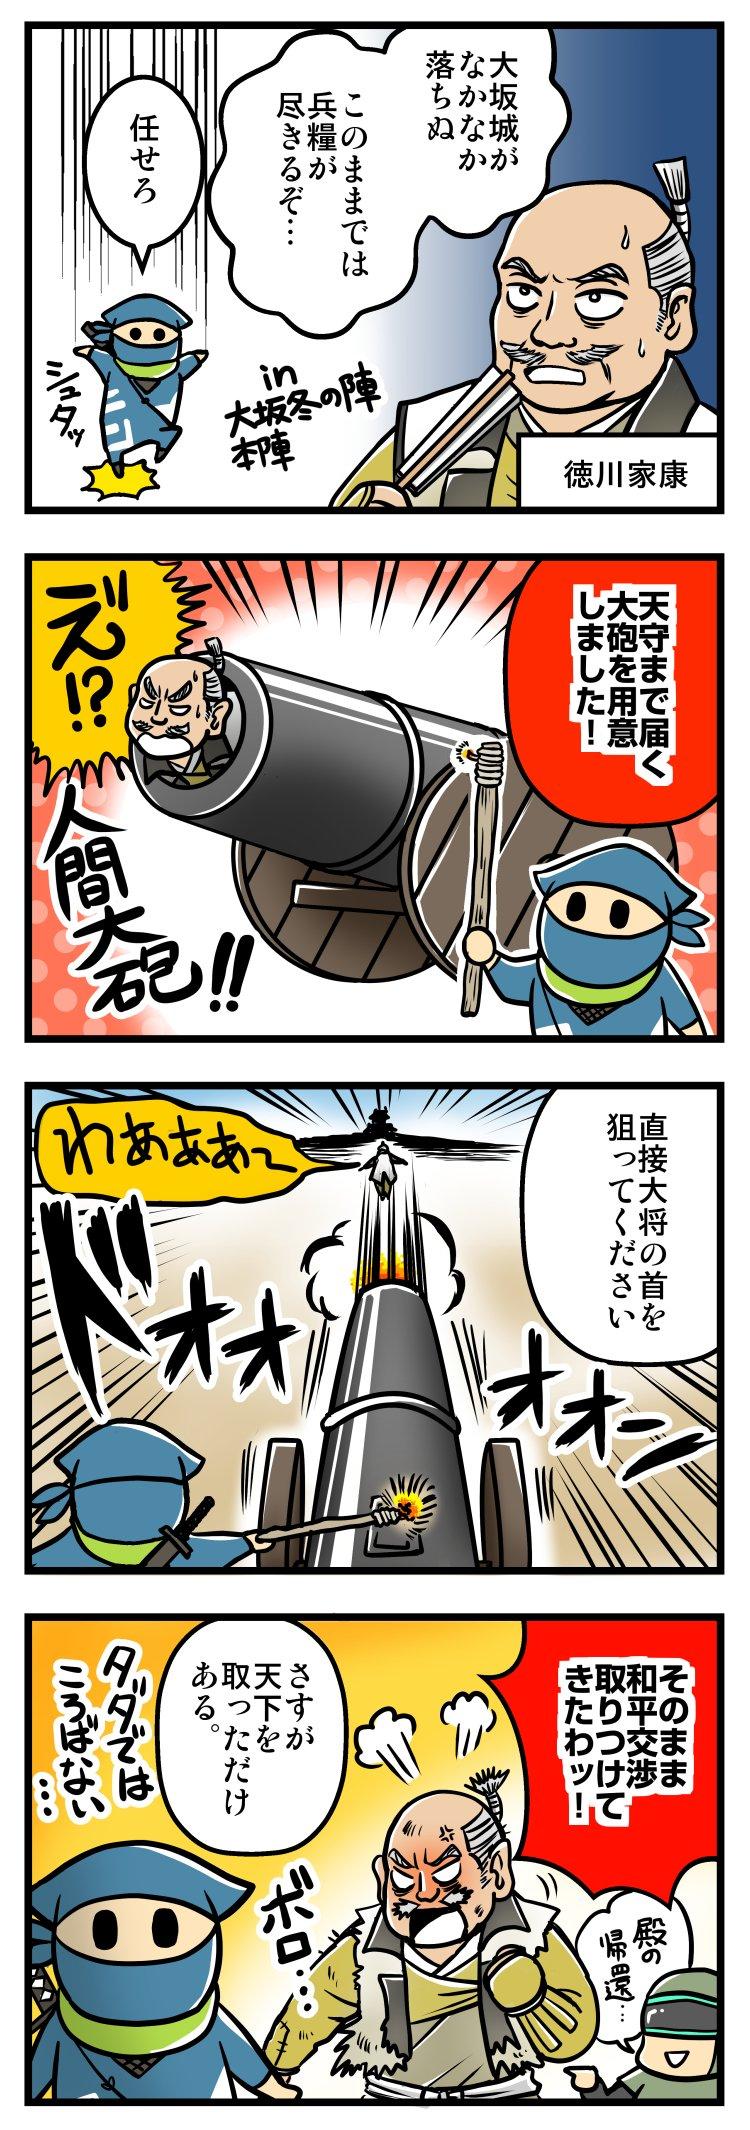 歴ニン君★第六忍「大砲の術」